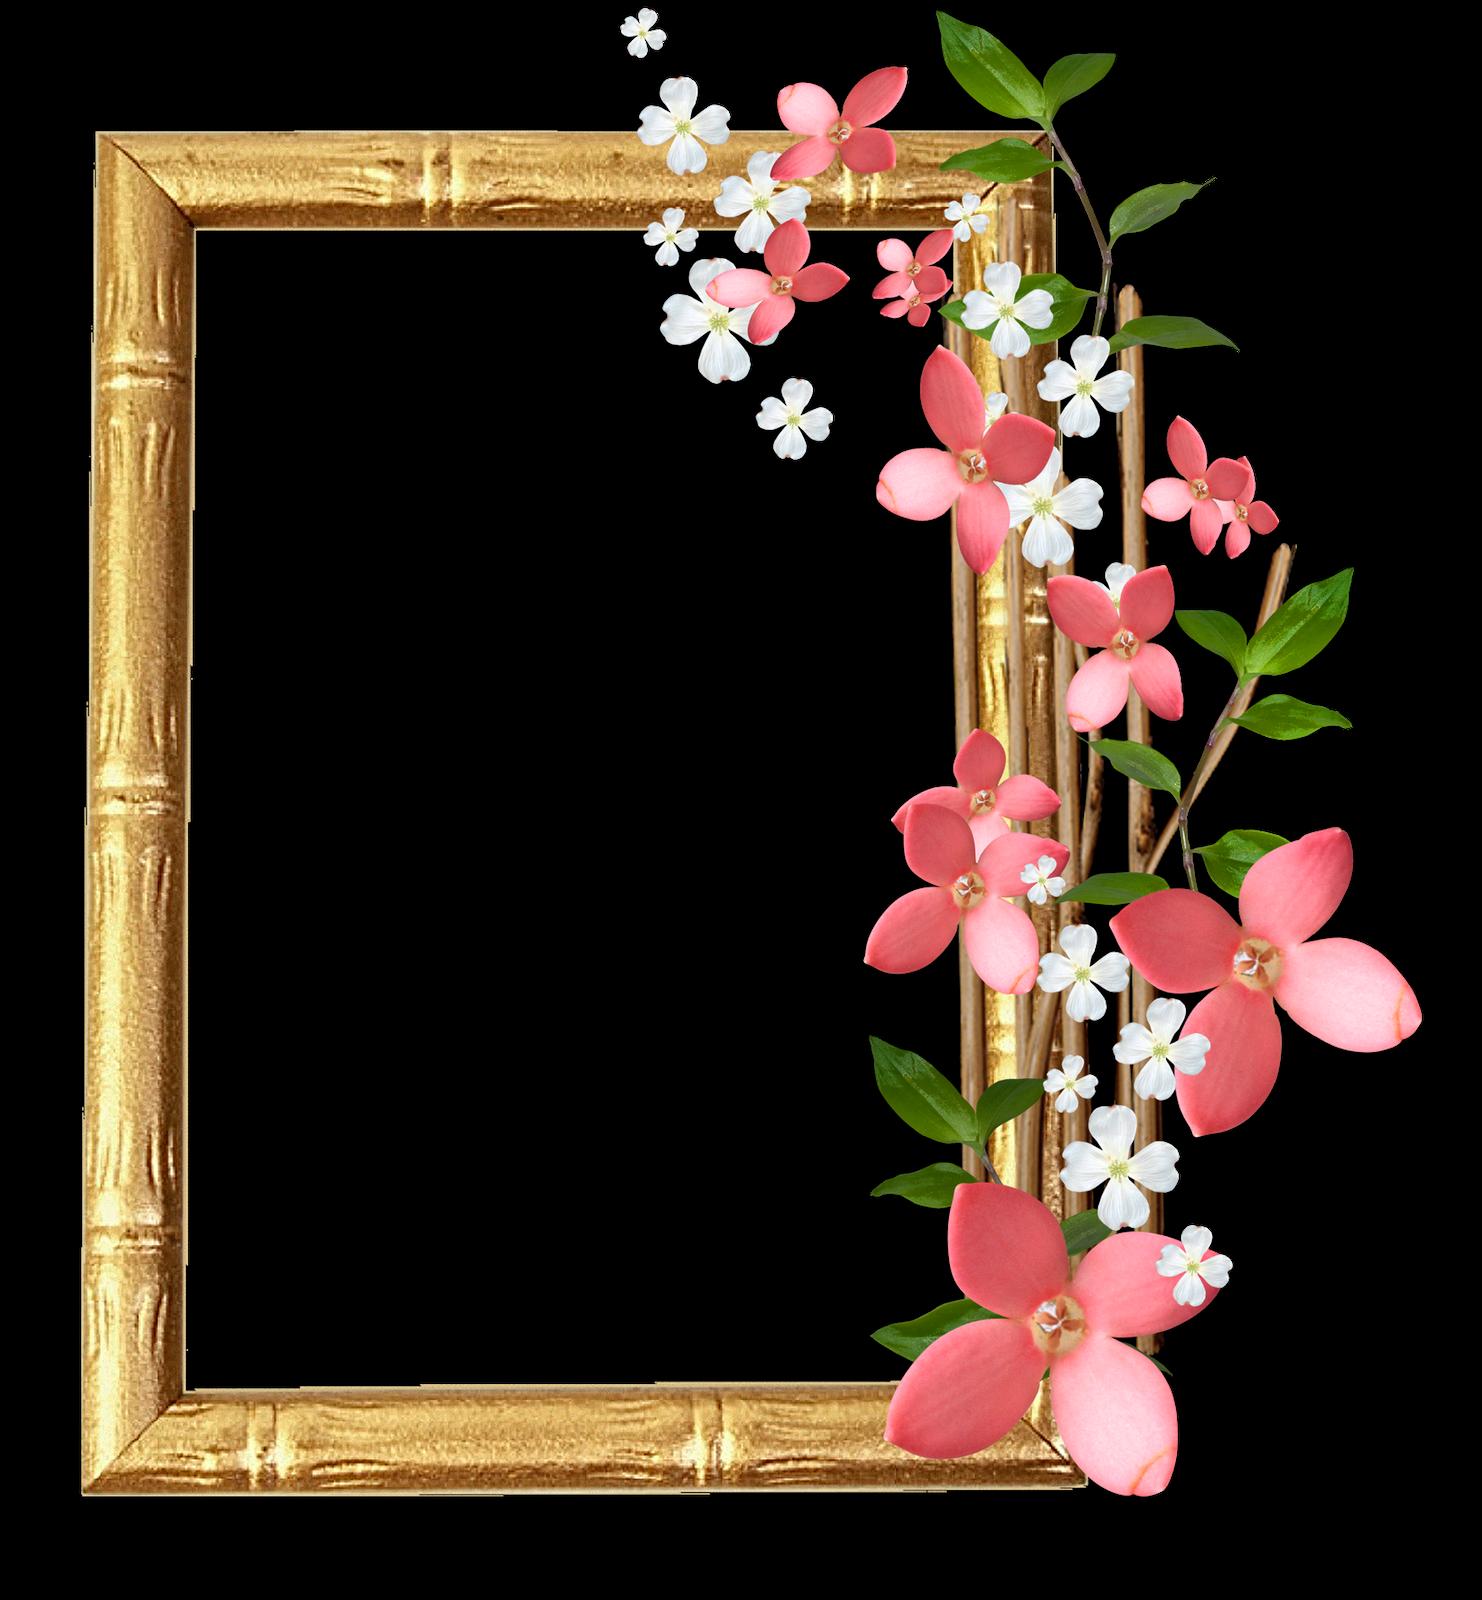 Marcos gratis para fotos marcos para fotos png florales - Marco 4 fotos ...